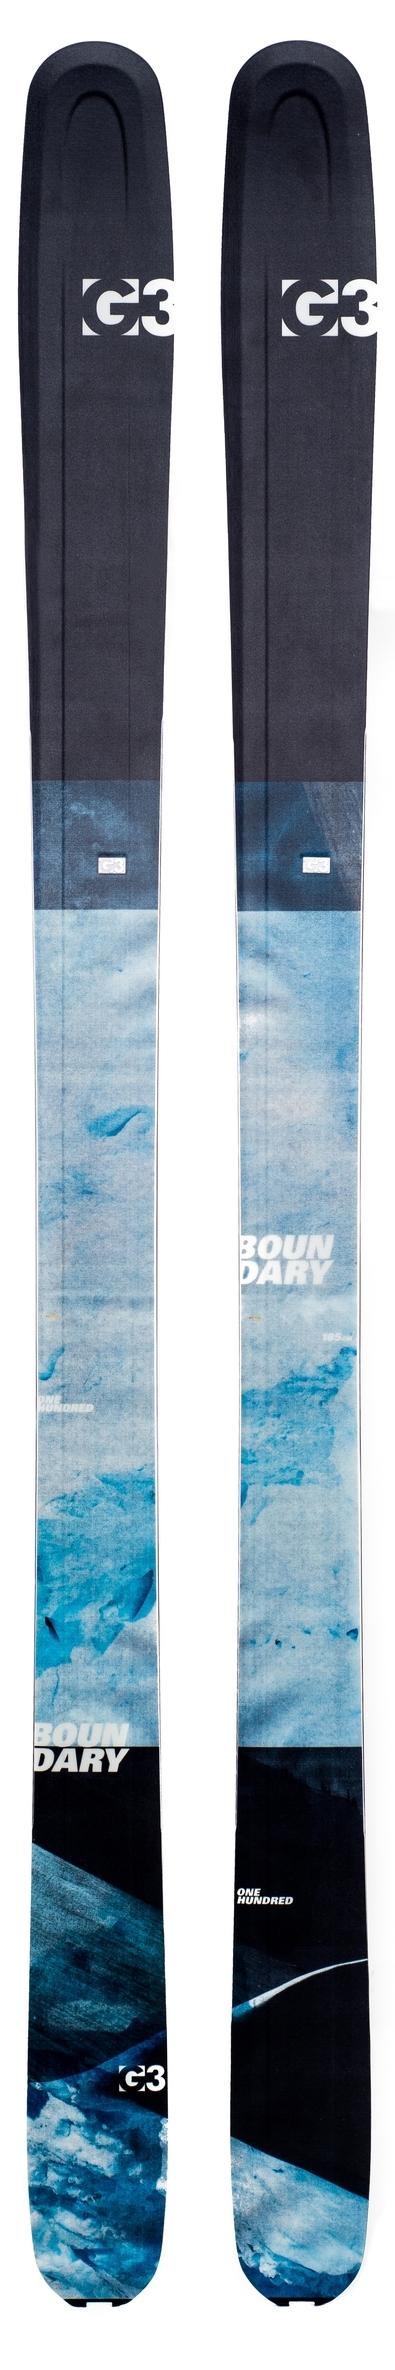 G3 Boundary 100 Skis, $650